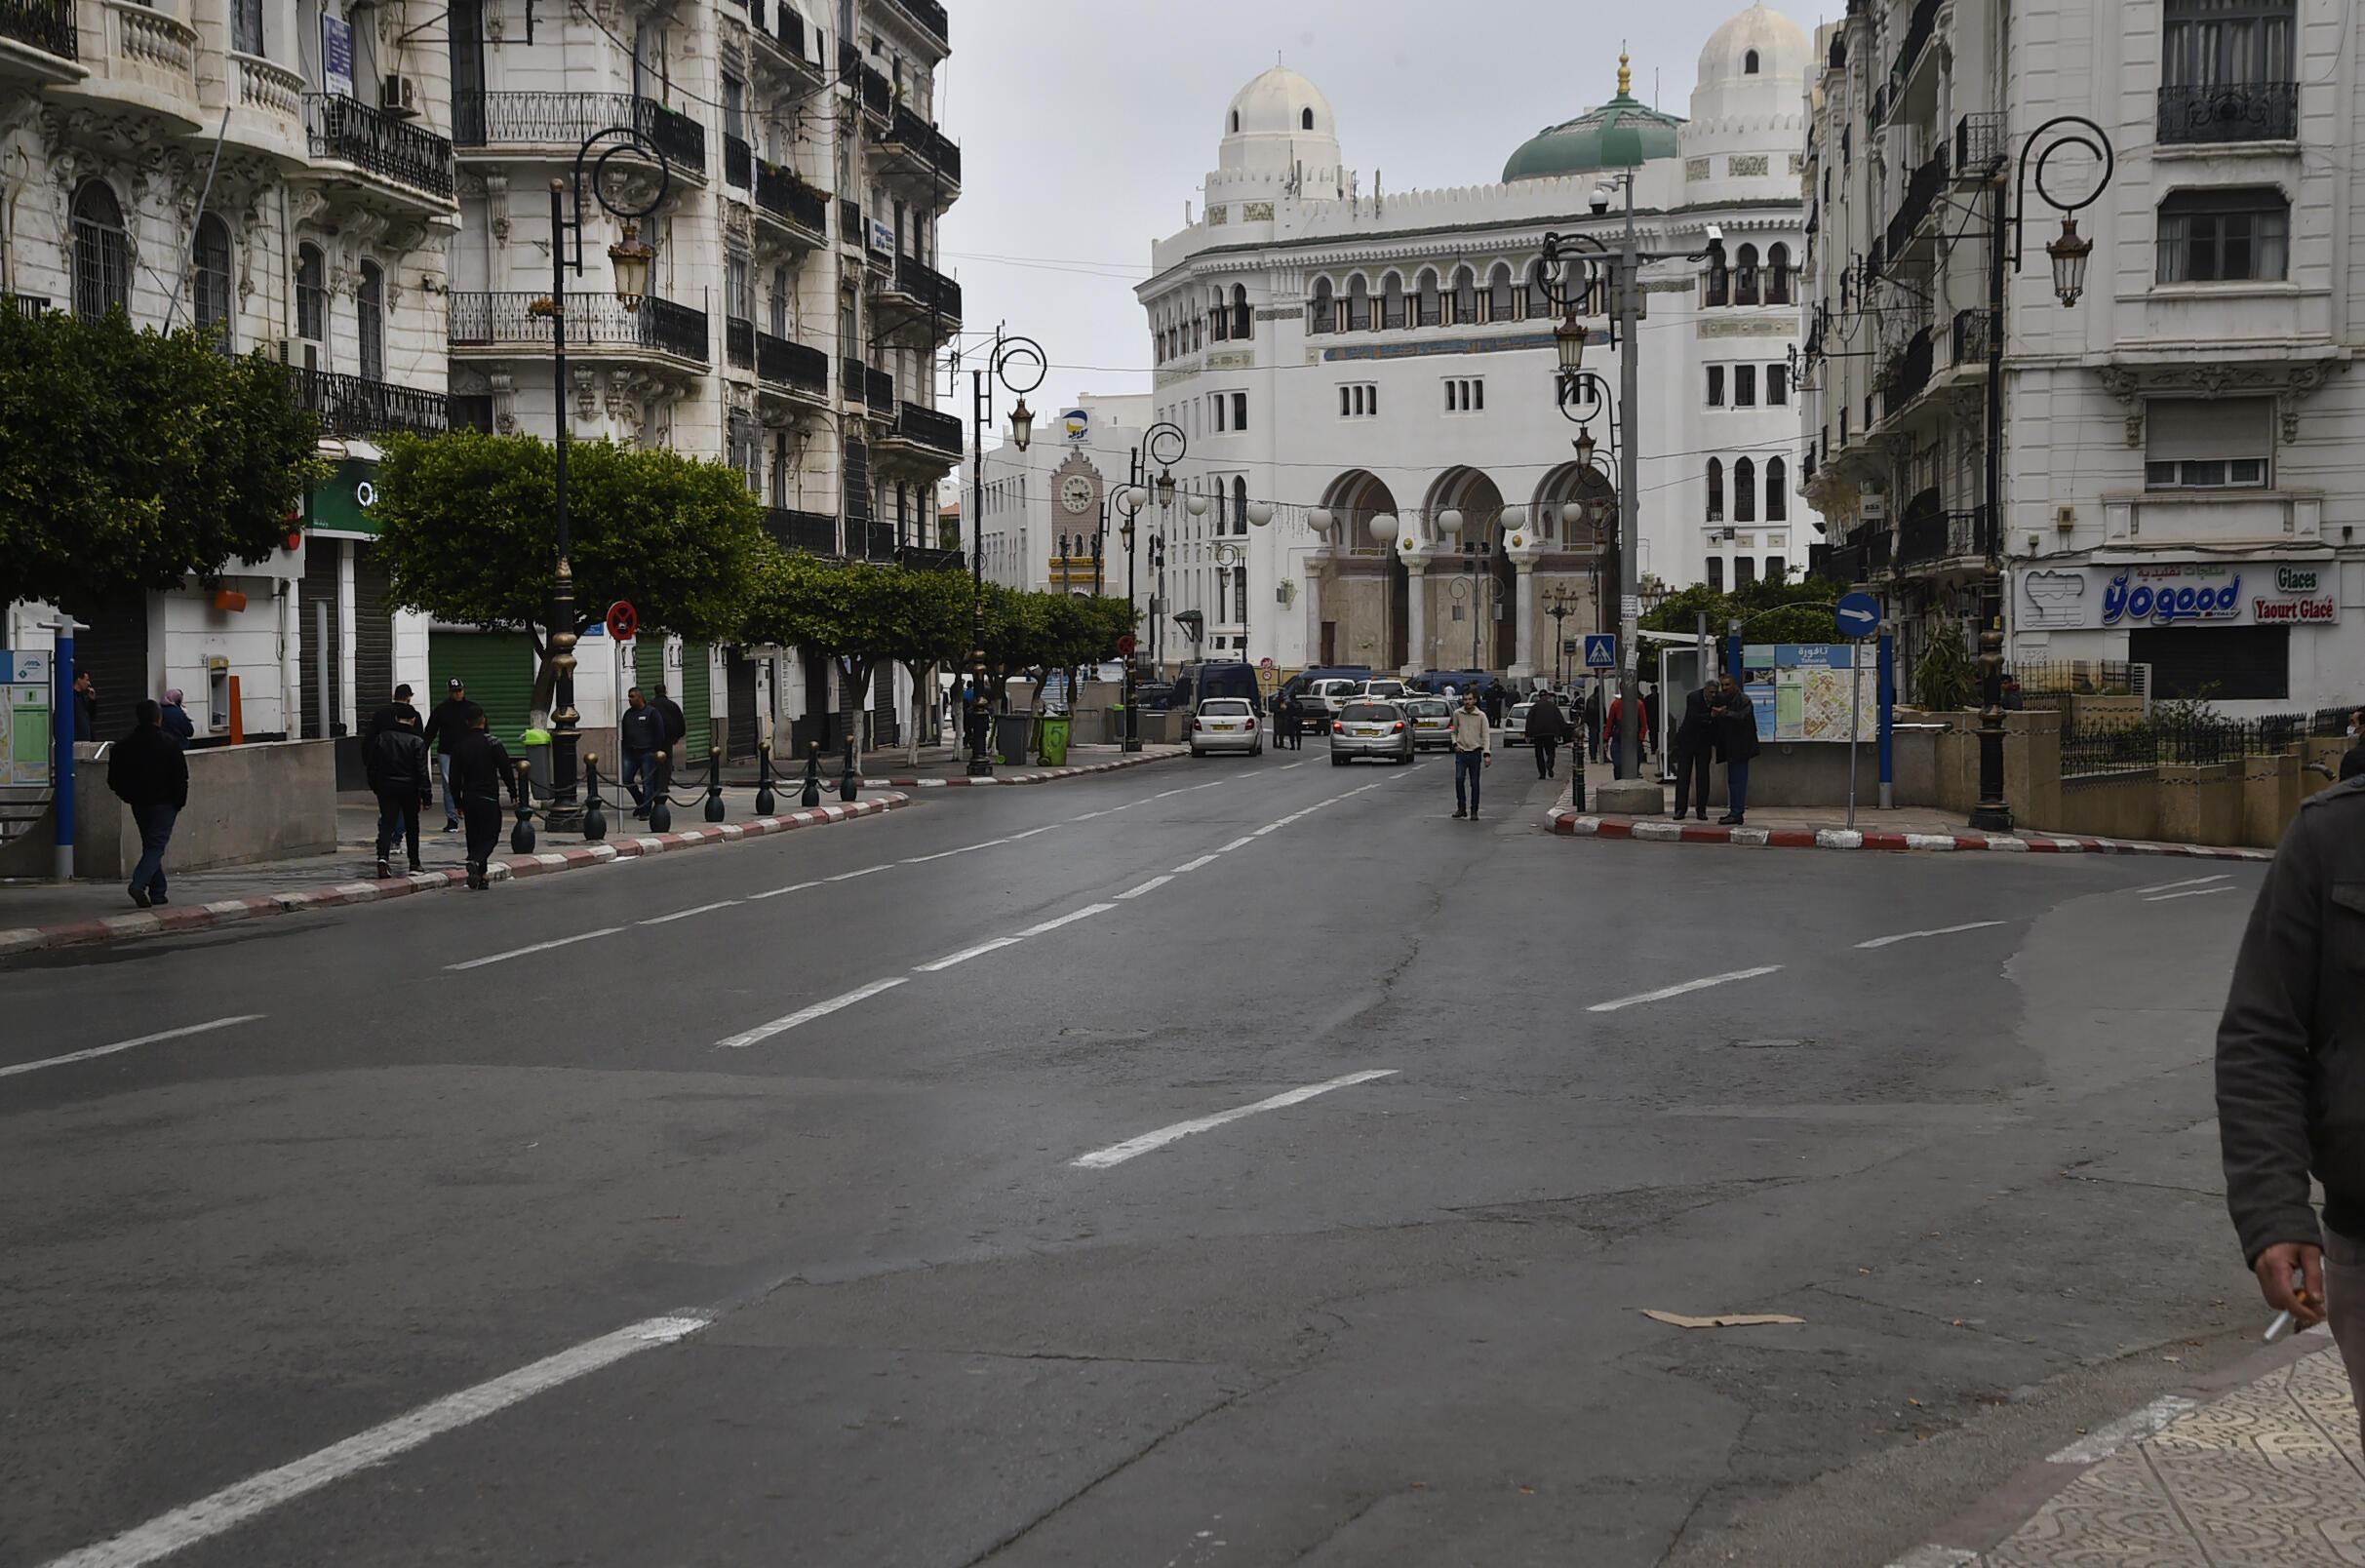 الحجر الصحي في الجزائر جراء فيروس كورونا.